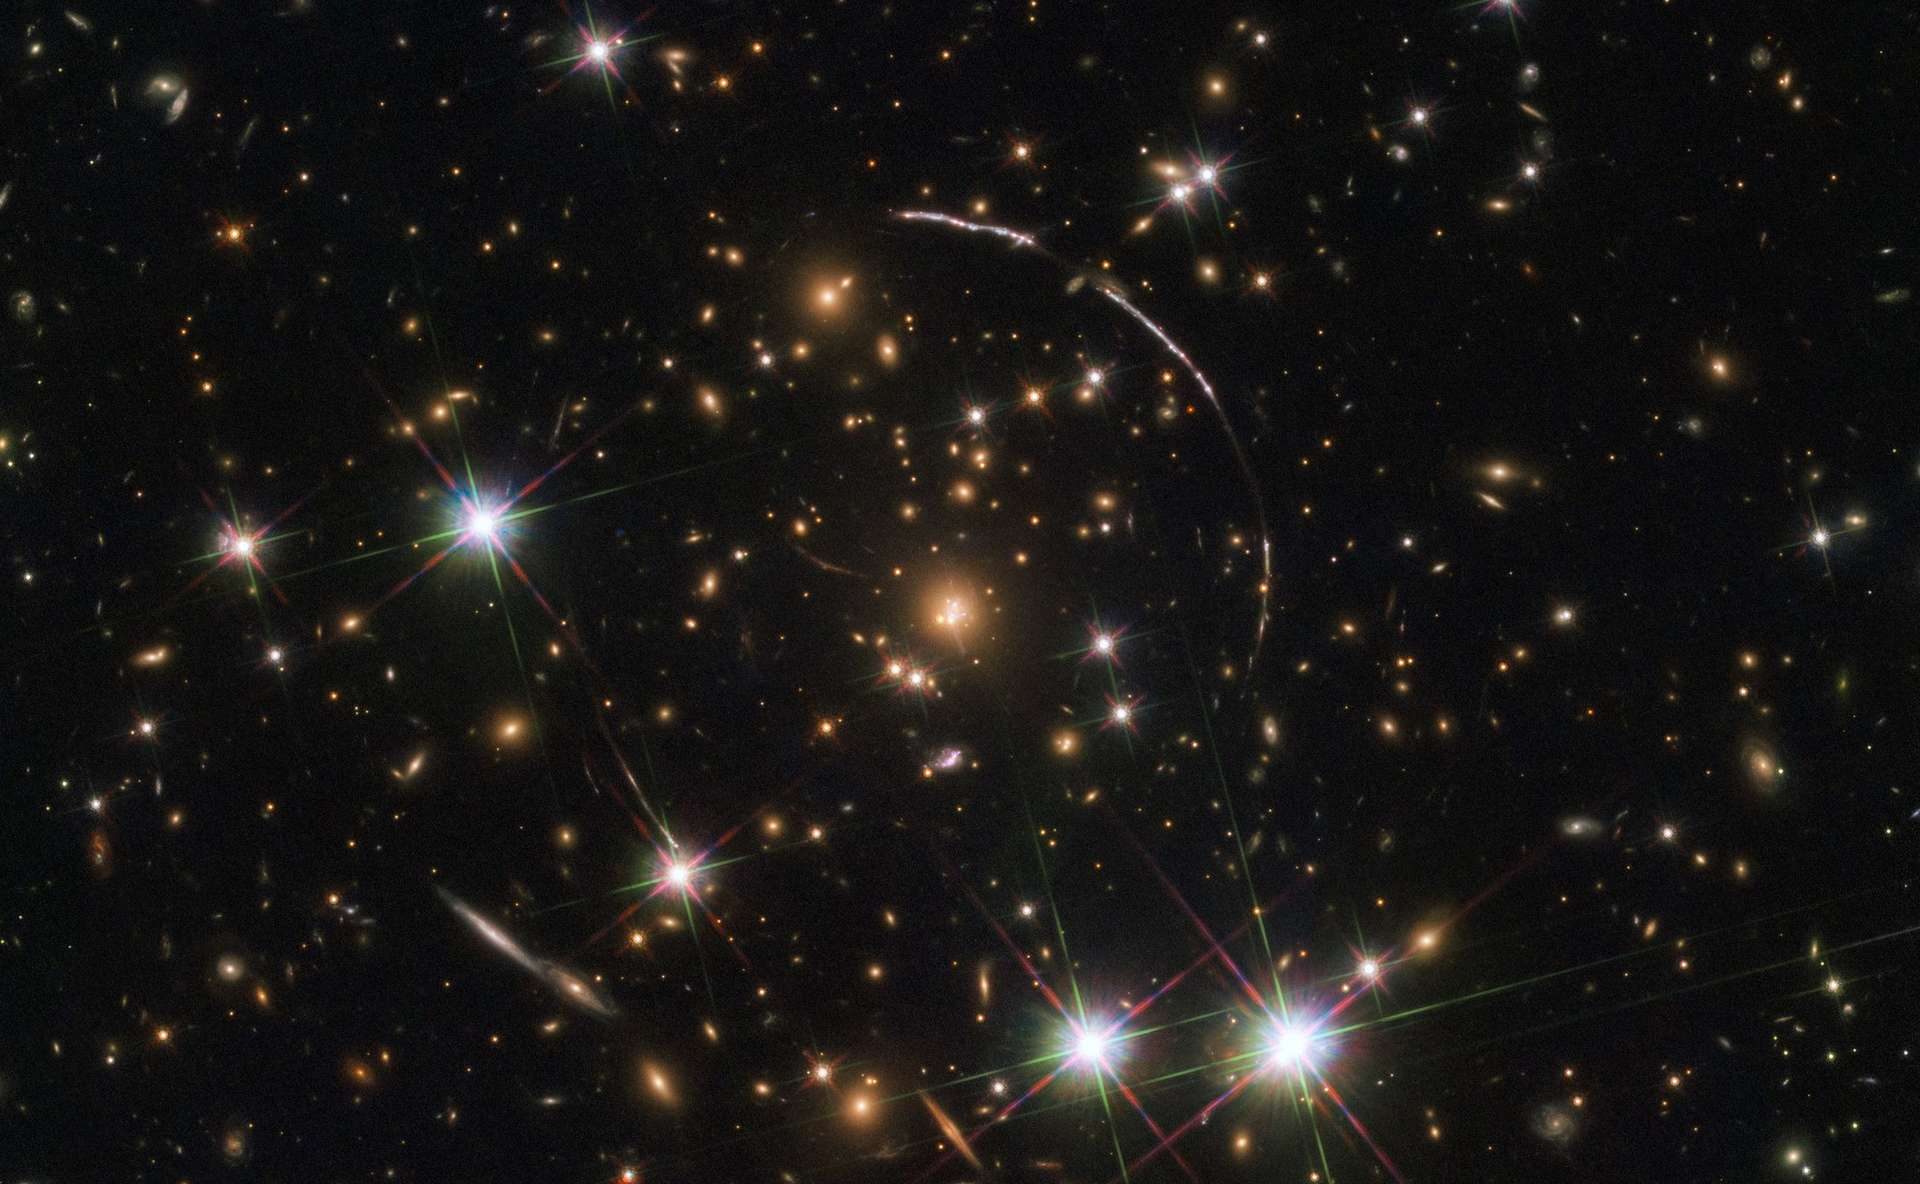 Cette image, prise avec le télescope spatial Hubble Nasa-ESA, montre un gigantesque amas de galaxies situé à environ 4,6 milliards d'années-lumière. Le long de ses frontières, quatre arcs lumineux sont visibles. Ce sont des copies de la même galaxie lointaine surnommée Arc Sunburst. La galaxie Sunburst Arc est à près de 11 milliards d'années-lumière. Trois arcs sont visibles en haut à droite de l'image, le quatrième en bas à gauche. Le dernier est partiellement masqué par une étoile brillante au premier plan, située dans la Voie lactée. © ESA, Hubble, Nasa, Rivera-Thorsen et al.